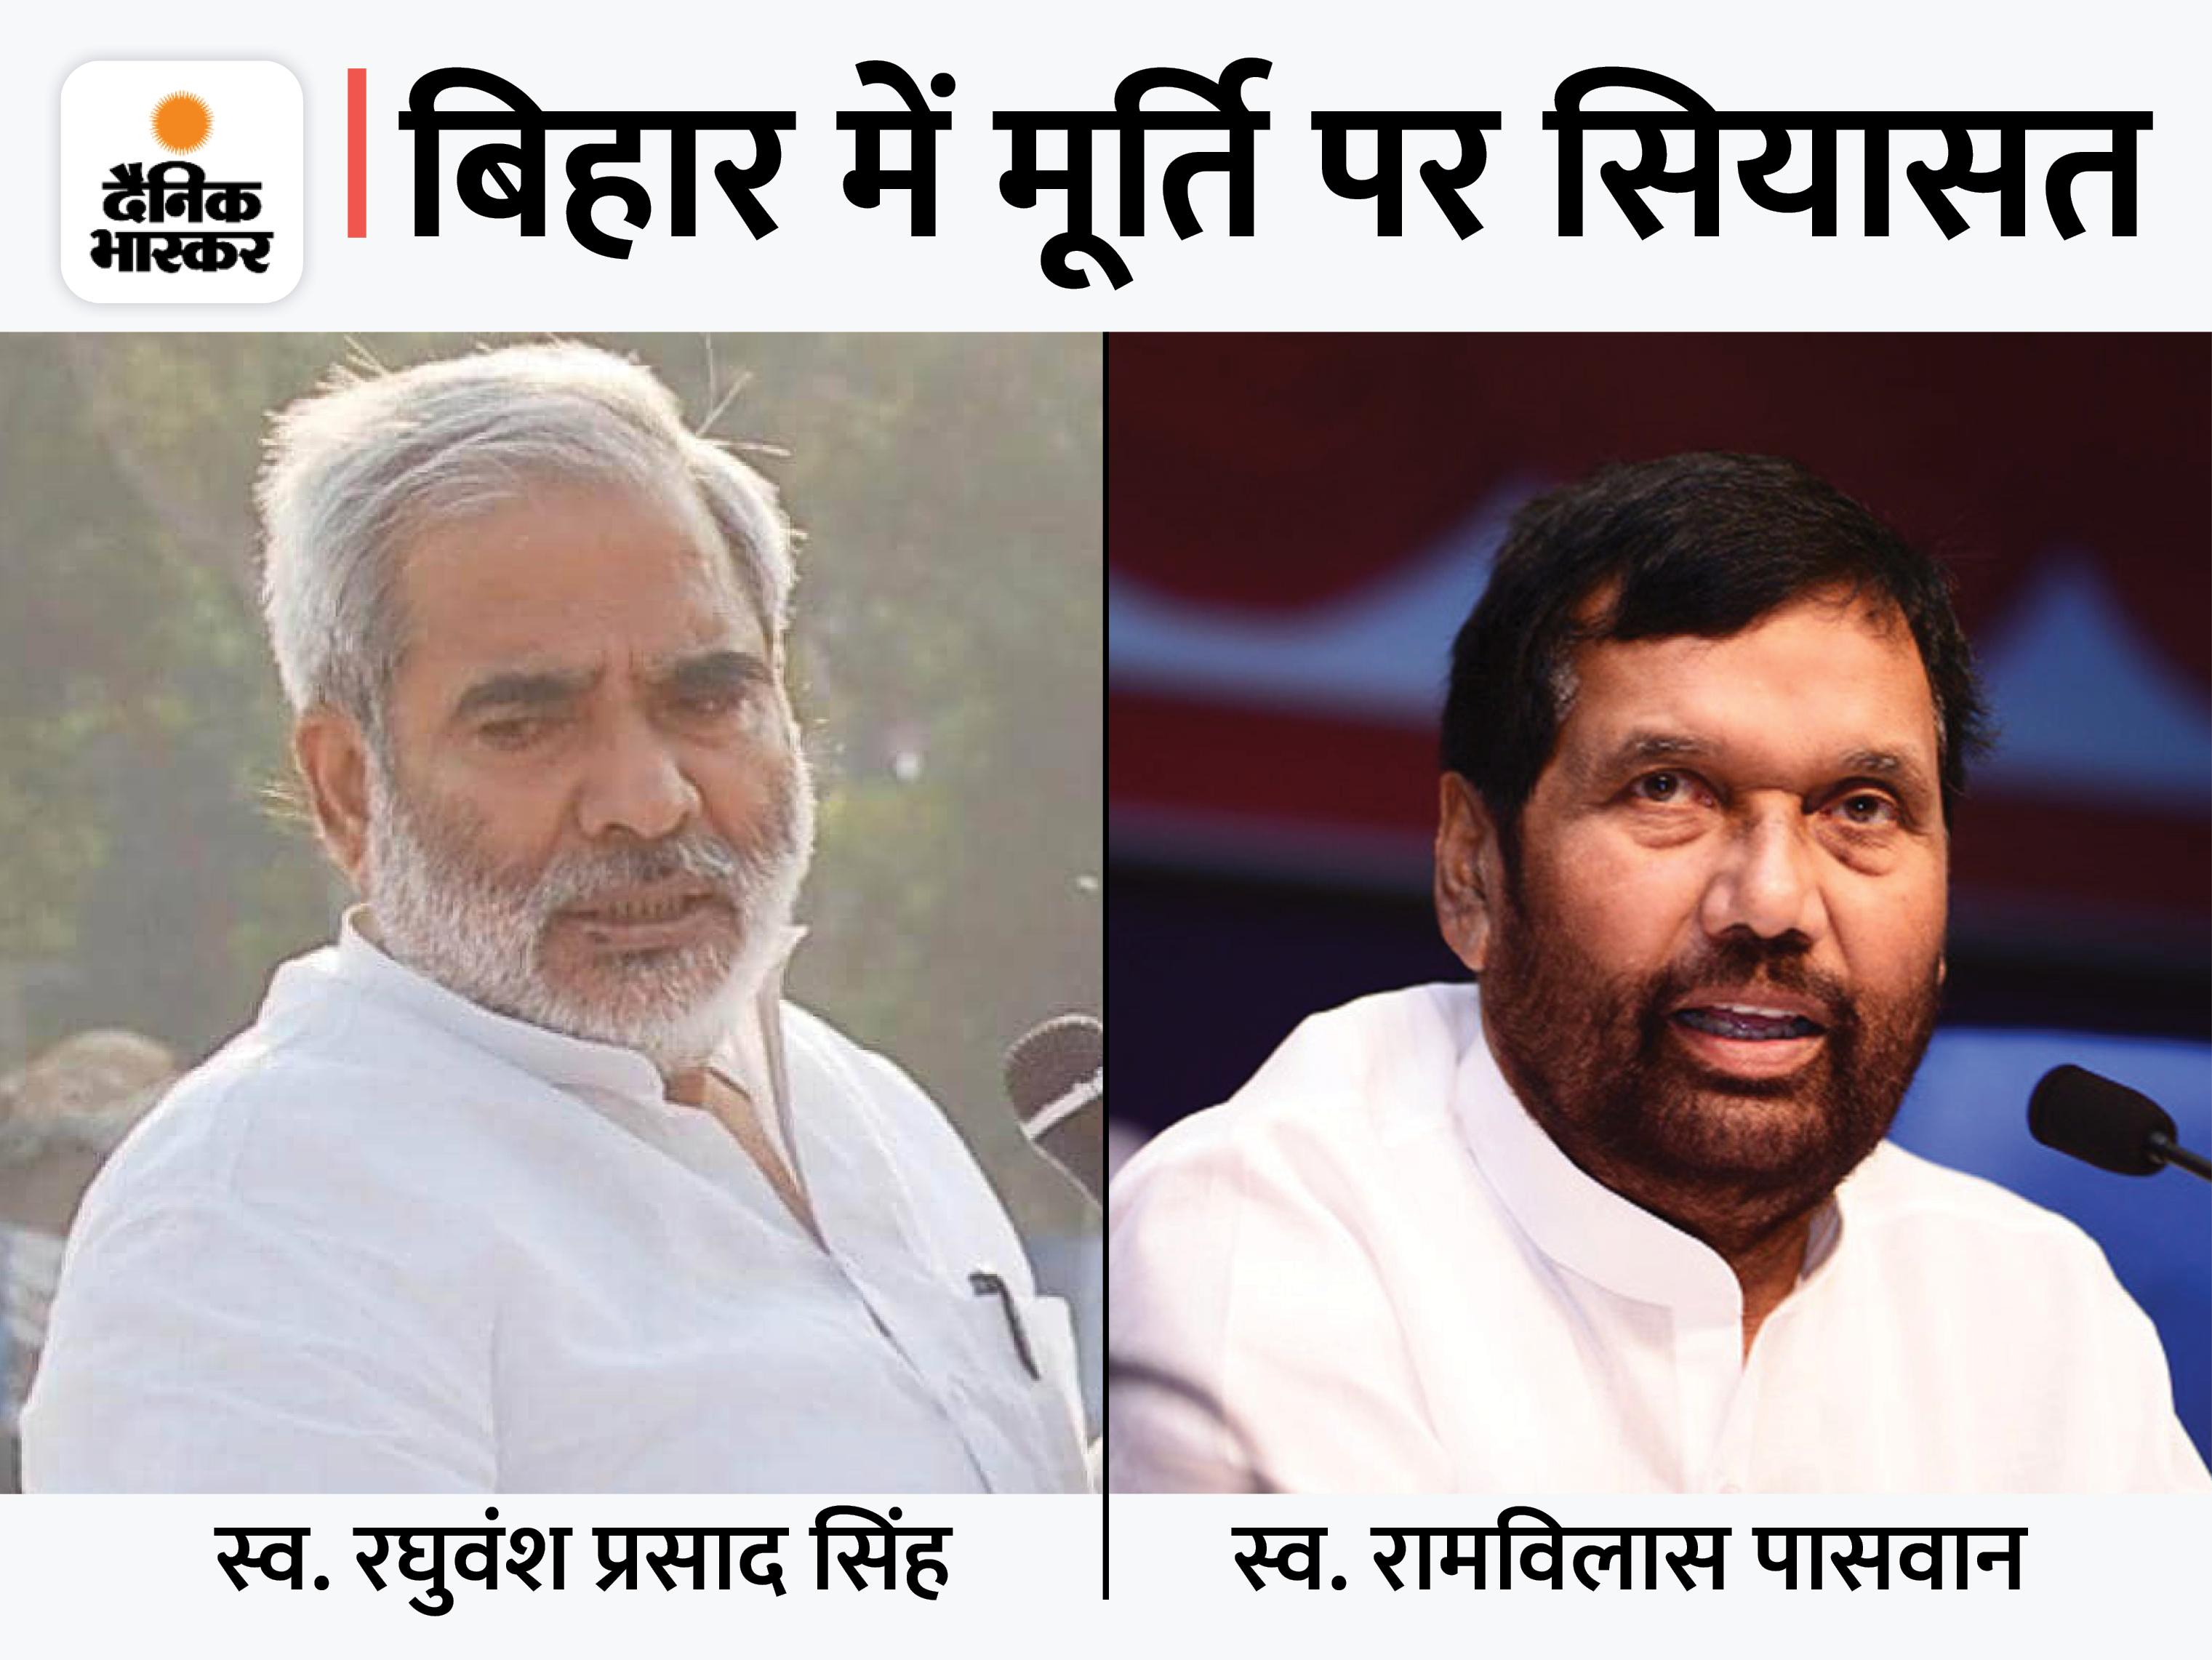 कहा- रघुवंश प्रसाद सिंह और रामविलास पासवान की मूर्ति लगवाएं, जयंती या पुण्यतिथि को राजकीय समारोह घोषित करें|बिहार,Bihar - Dainik Bhaskar